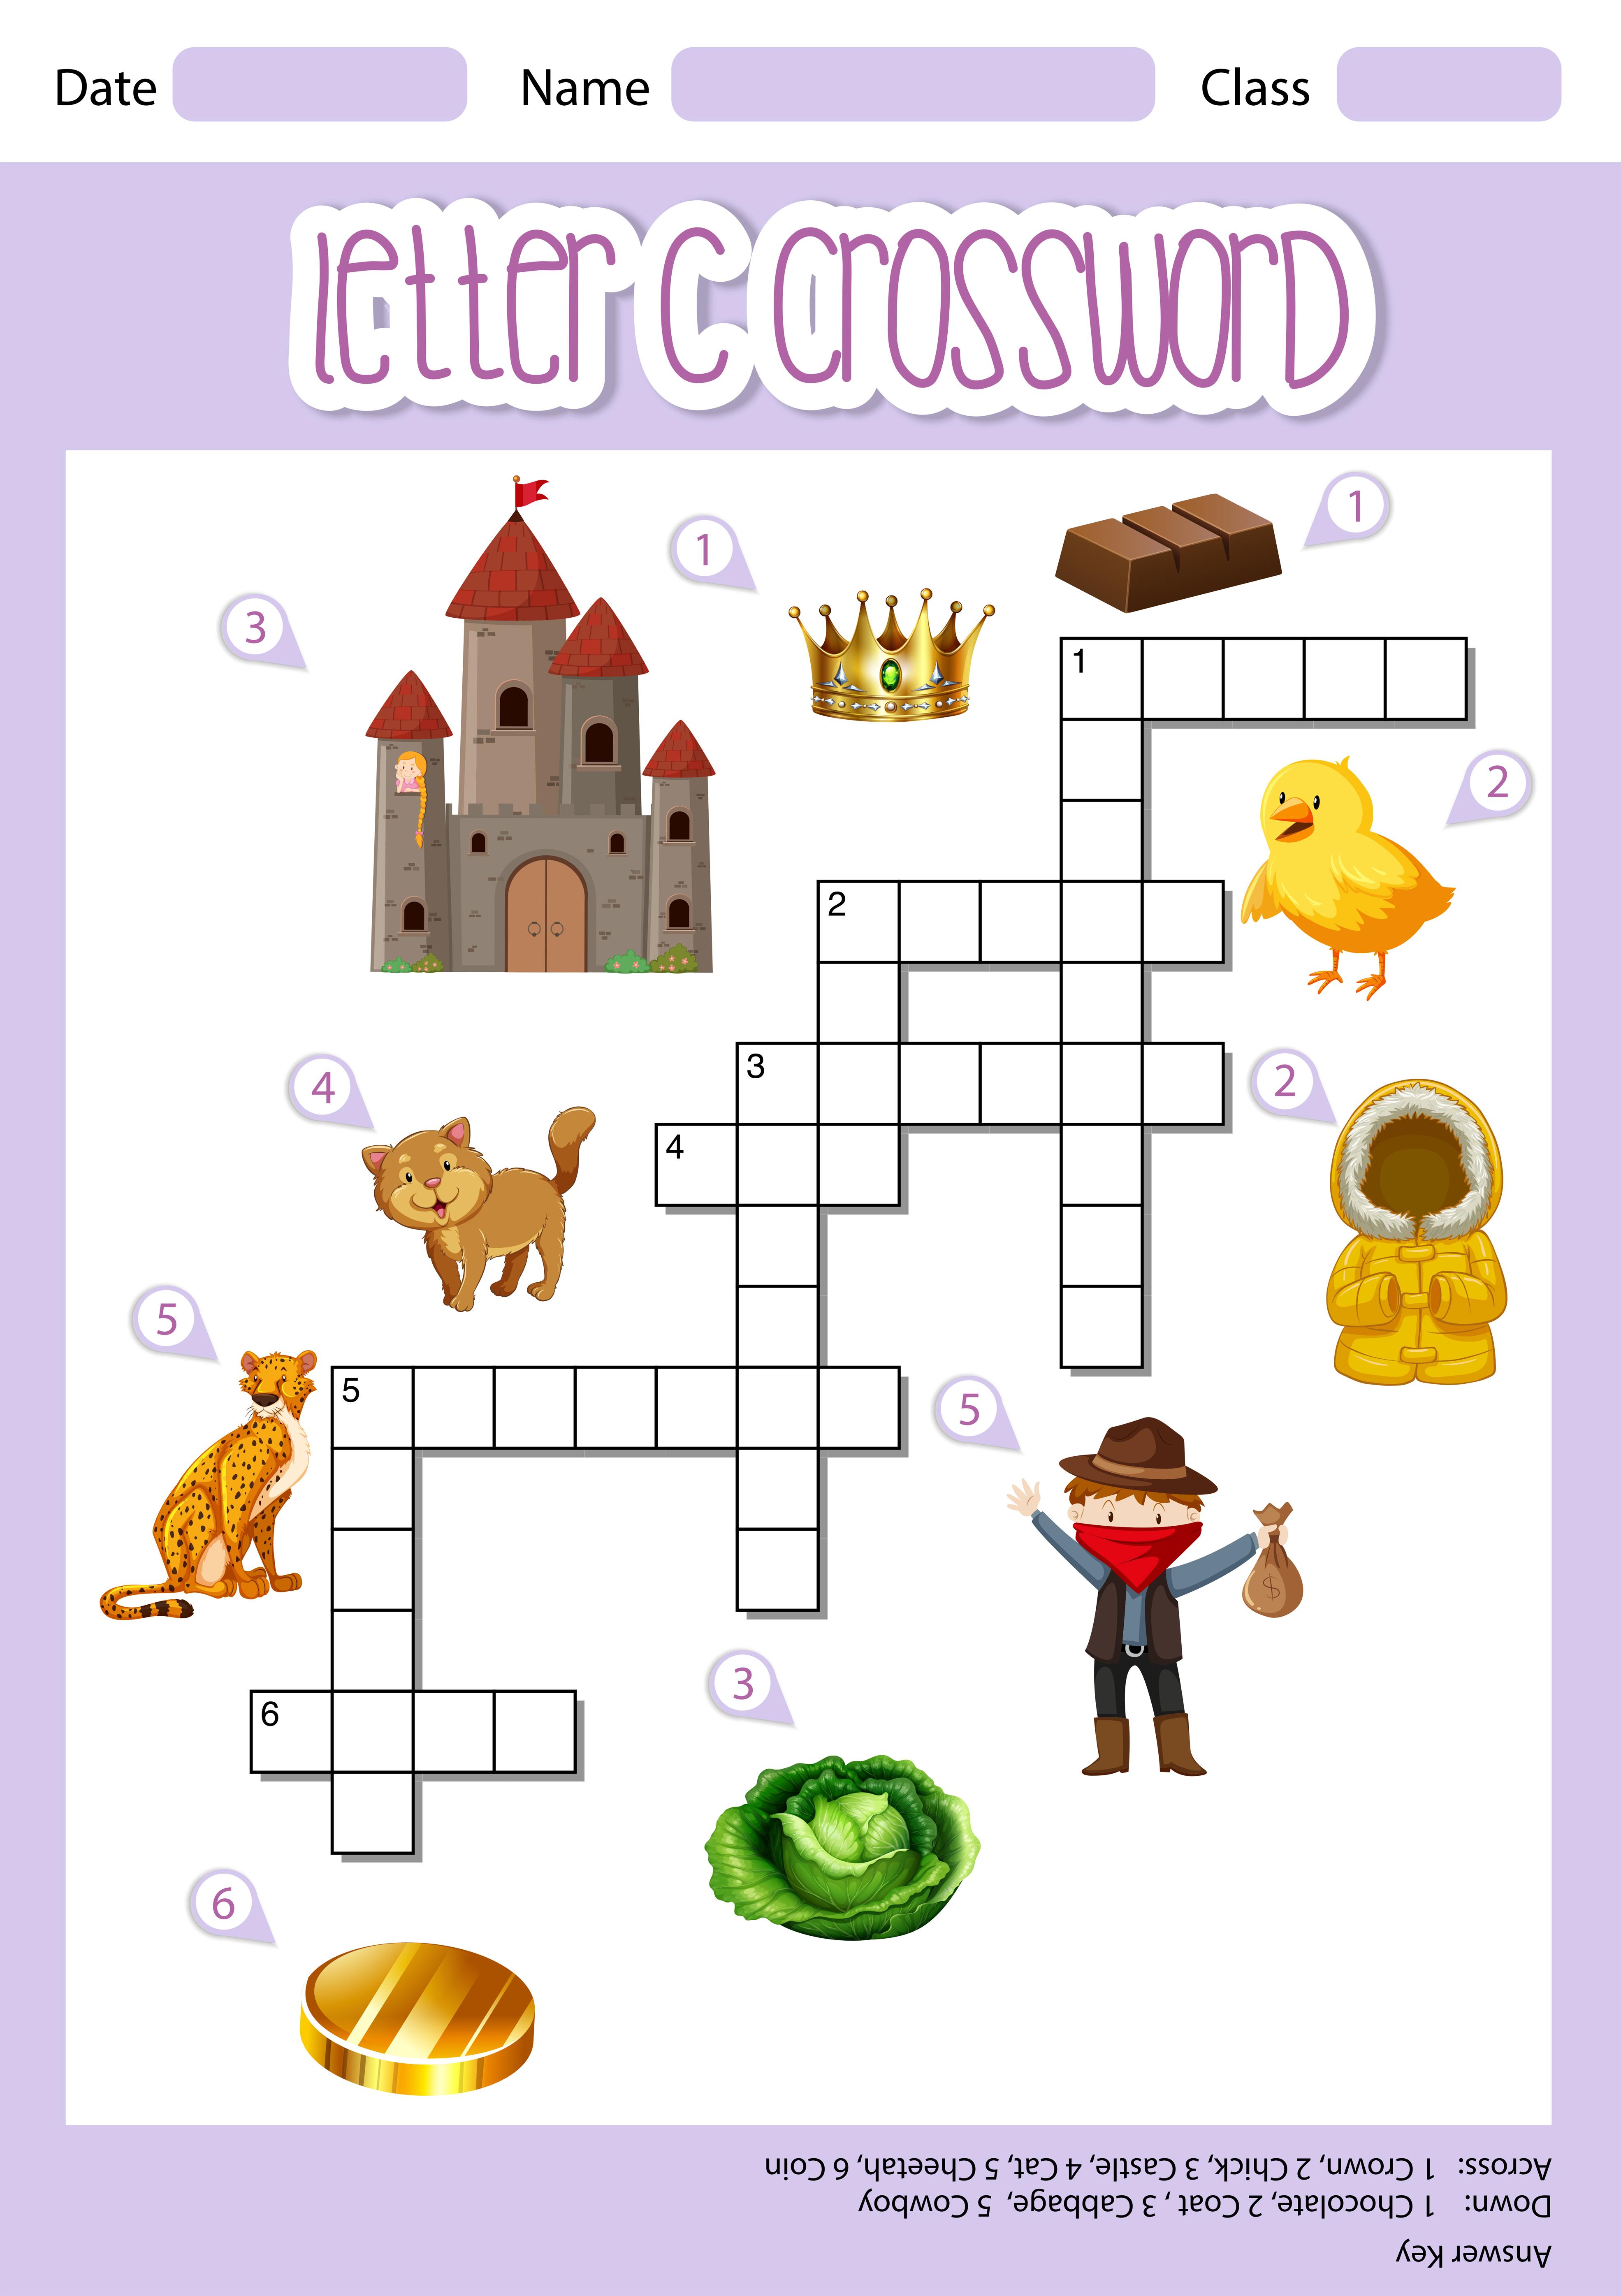 Letter C Crossword Template Download Free Vectors